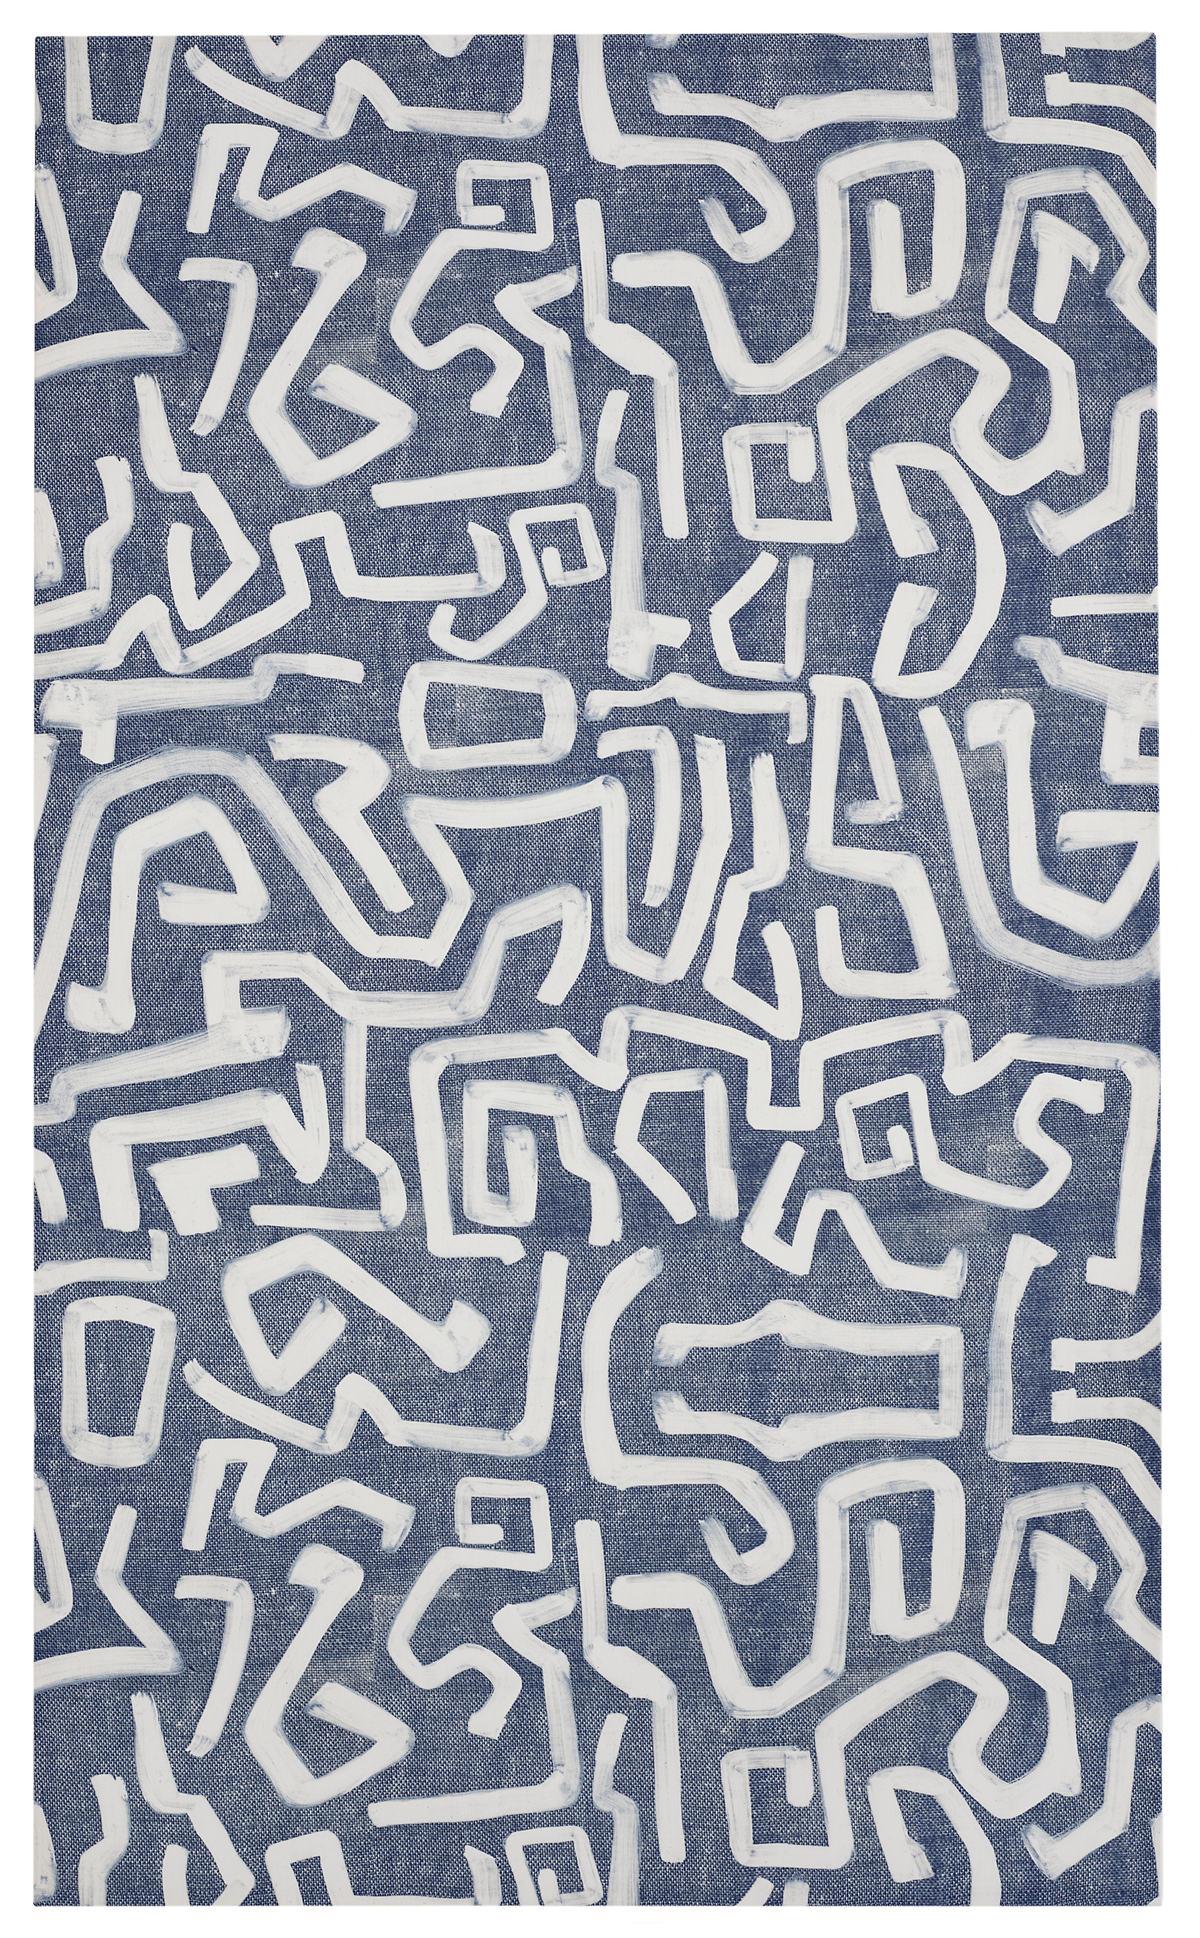 Hyroglif Indigo Stretched Fabric Art